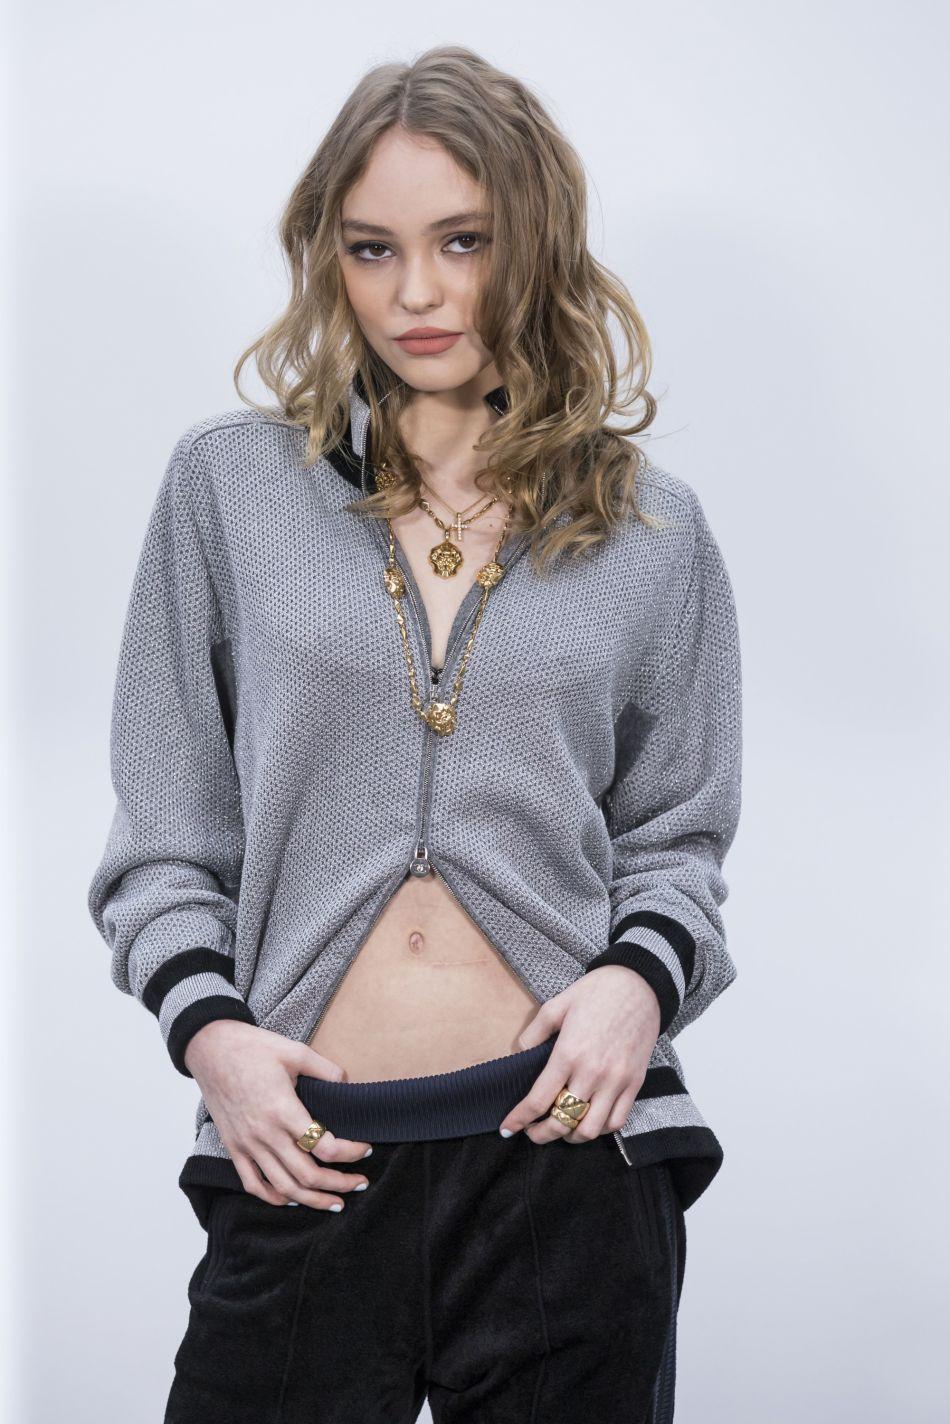 Lily-Rose Depp s'affiche décomplexée et très sexy pour  CR Fashion Book .